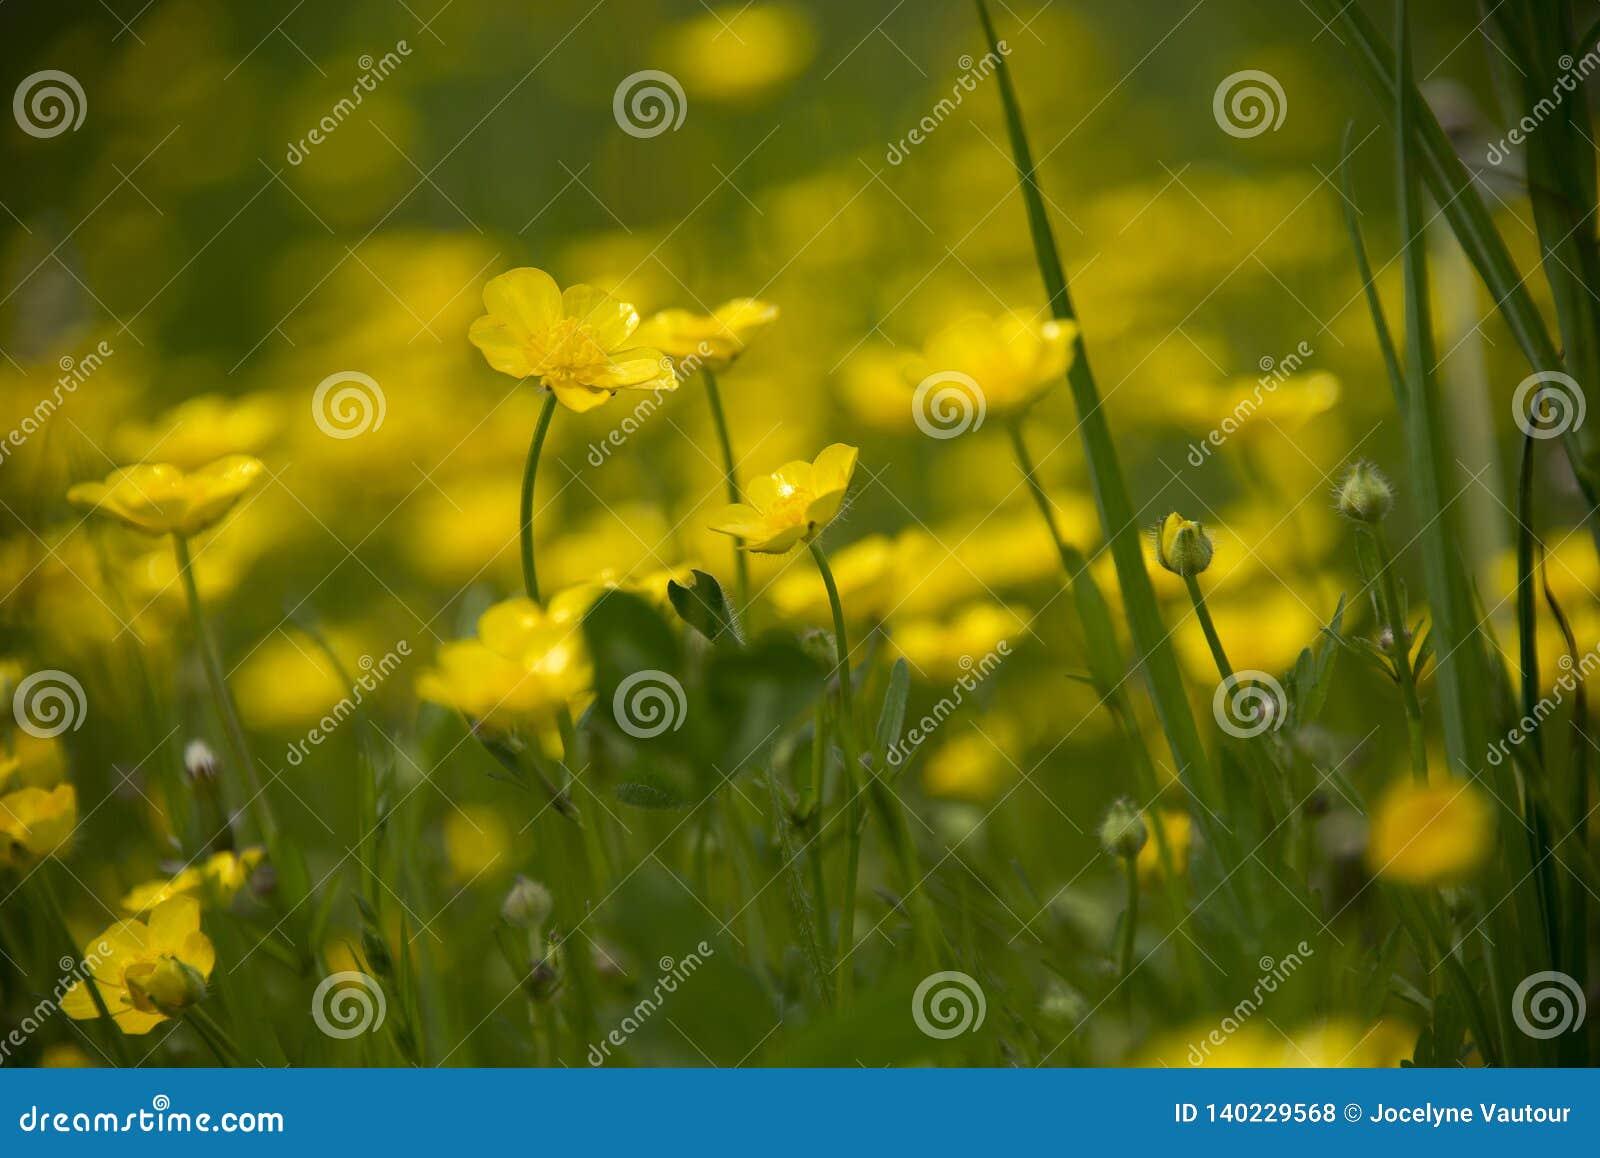 Prado de flores amarelas do copo da manteiga